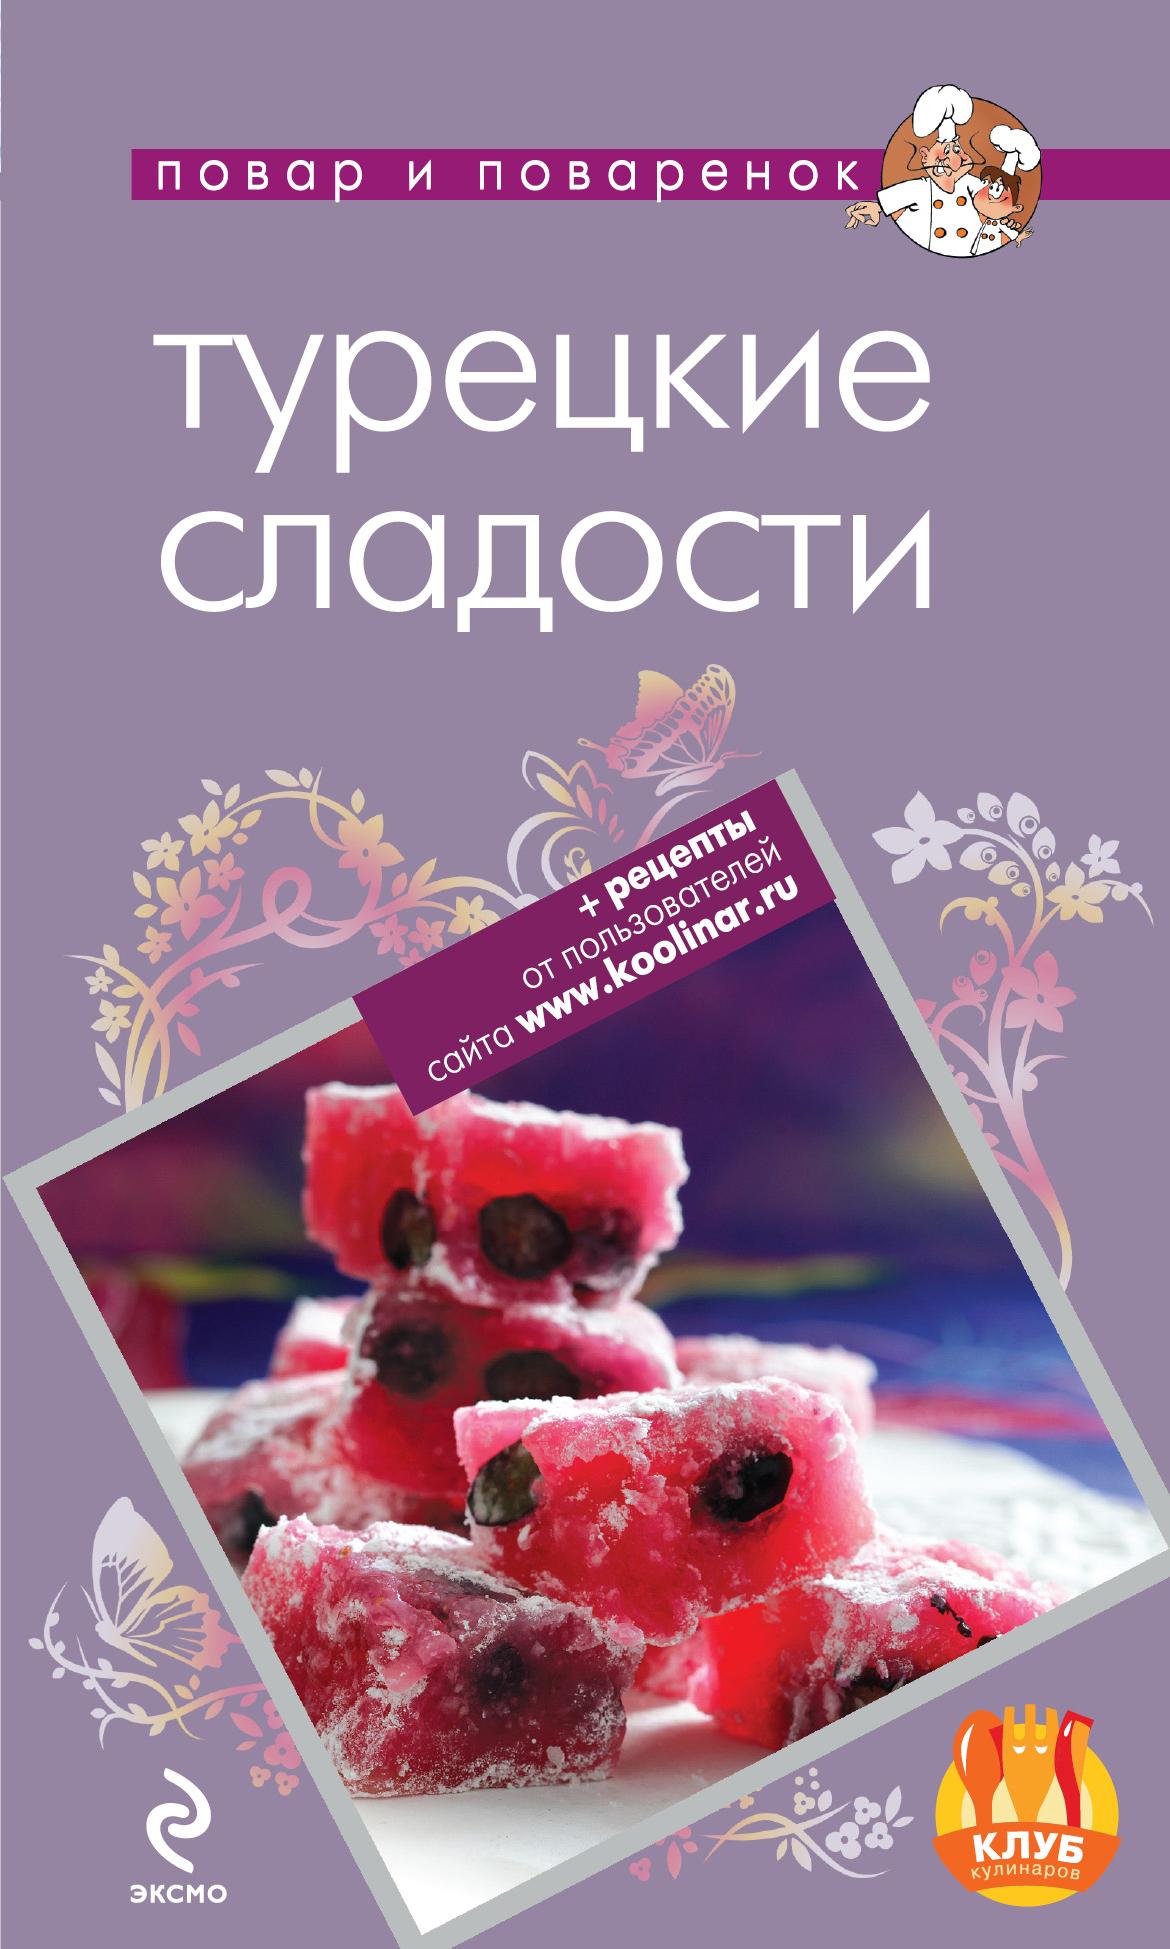 купить Савинова Н.А. Турецкие сладости по цене 37 рублей